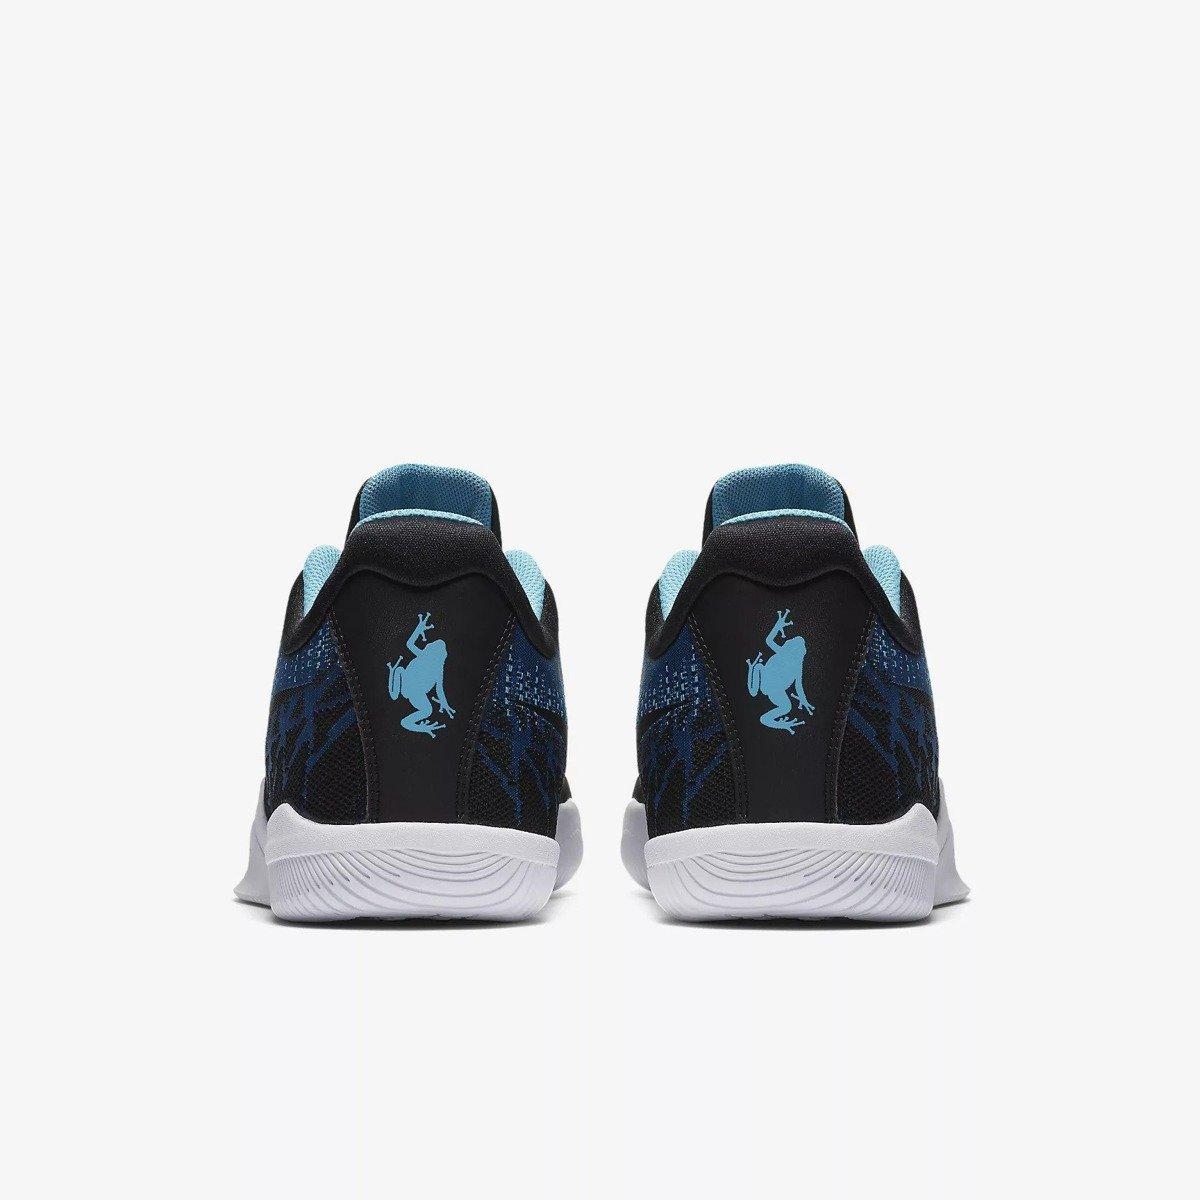 Nike Mamba Rage Basketball shoes - 908972-400